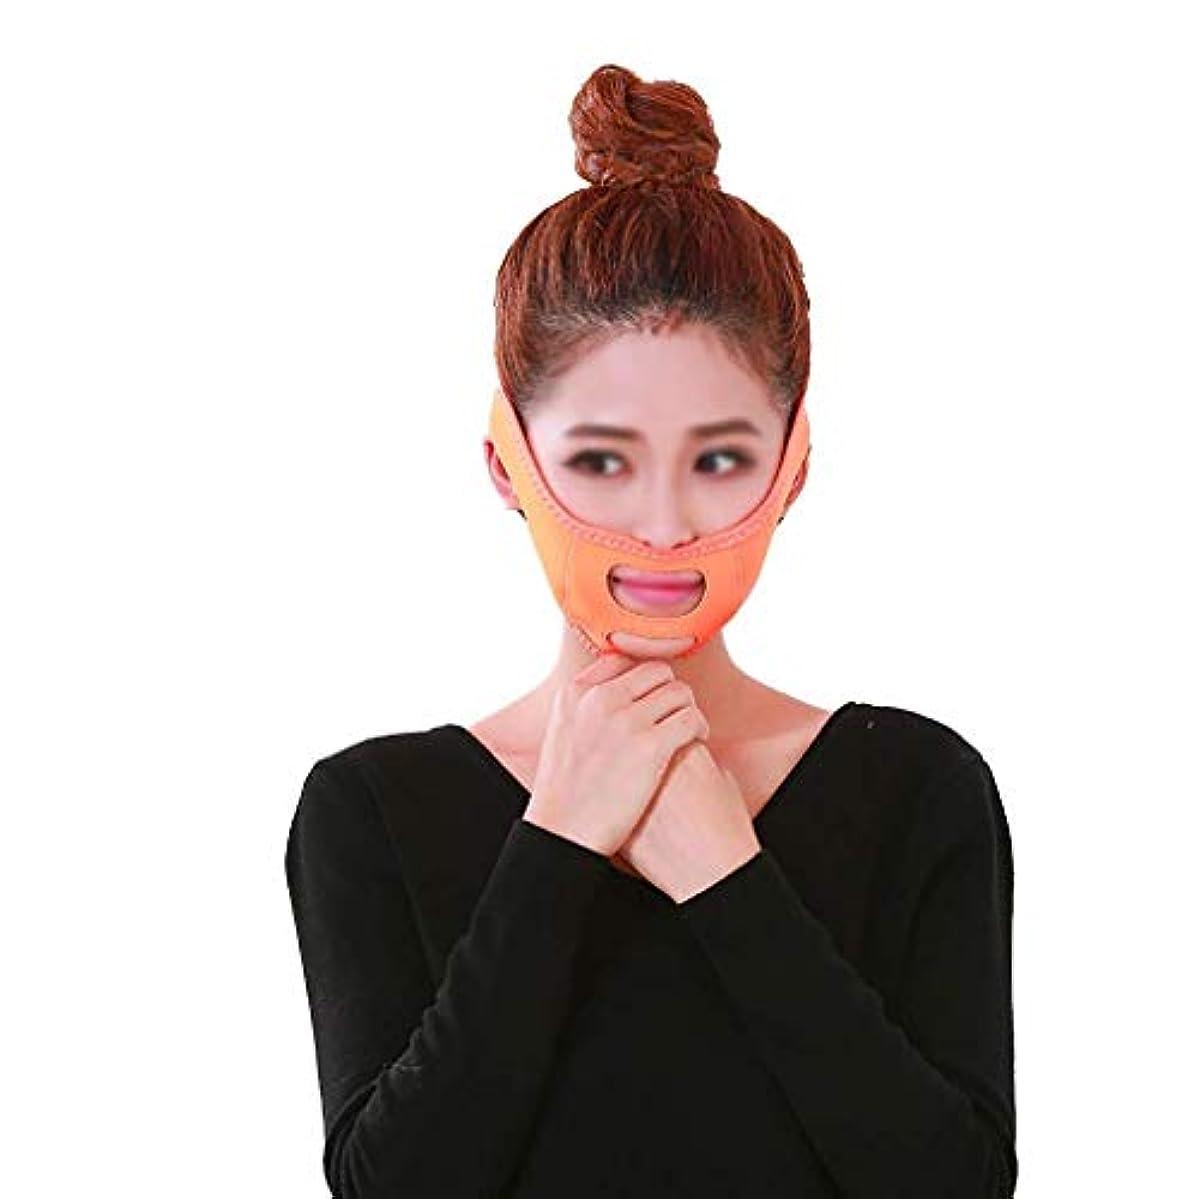 算術敬礼症状フェイスリフトフェイシャル、肌のリラクゼーションを防ぐタイトなVフェイスマスクVフェイスアーティファクトフェイスリフトバンデージフェイスケア(色:オレンジ)